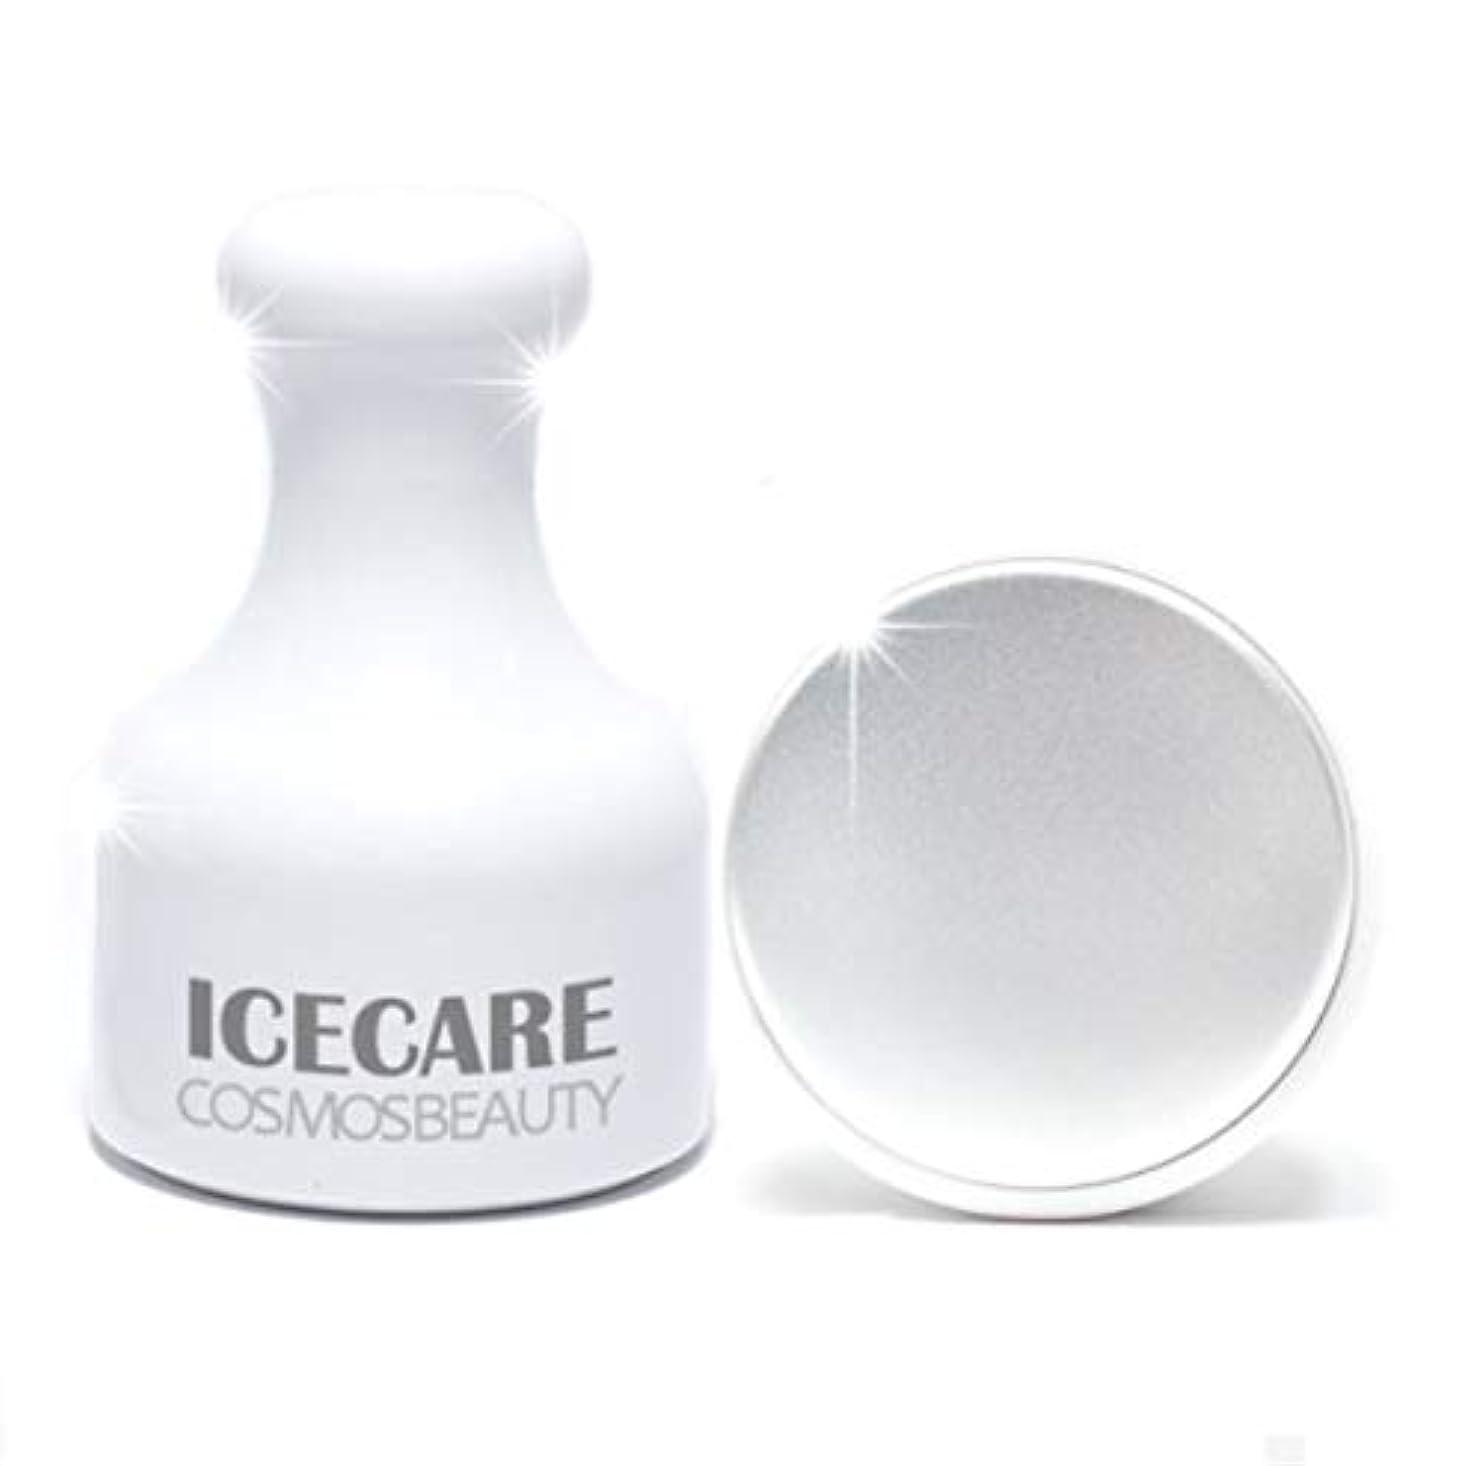 に話す下以上Cosmosbeauty Ice Care 毛穴ケア、冷マッサージ,フェイスクーラーアイスローラーフェイスローラー顔マッサージ機構の腫れ抜き方法毛穴縮小(海外直送品)